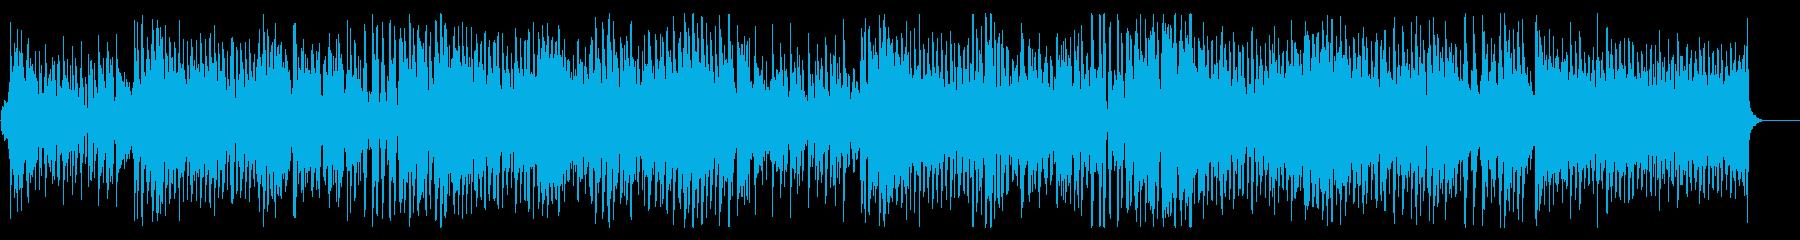 やさしいサウンドと歌声のユーレイポップスの再生済みの波形